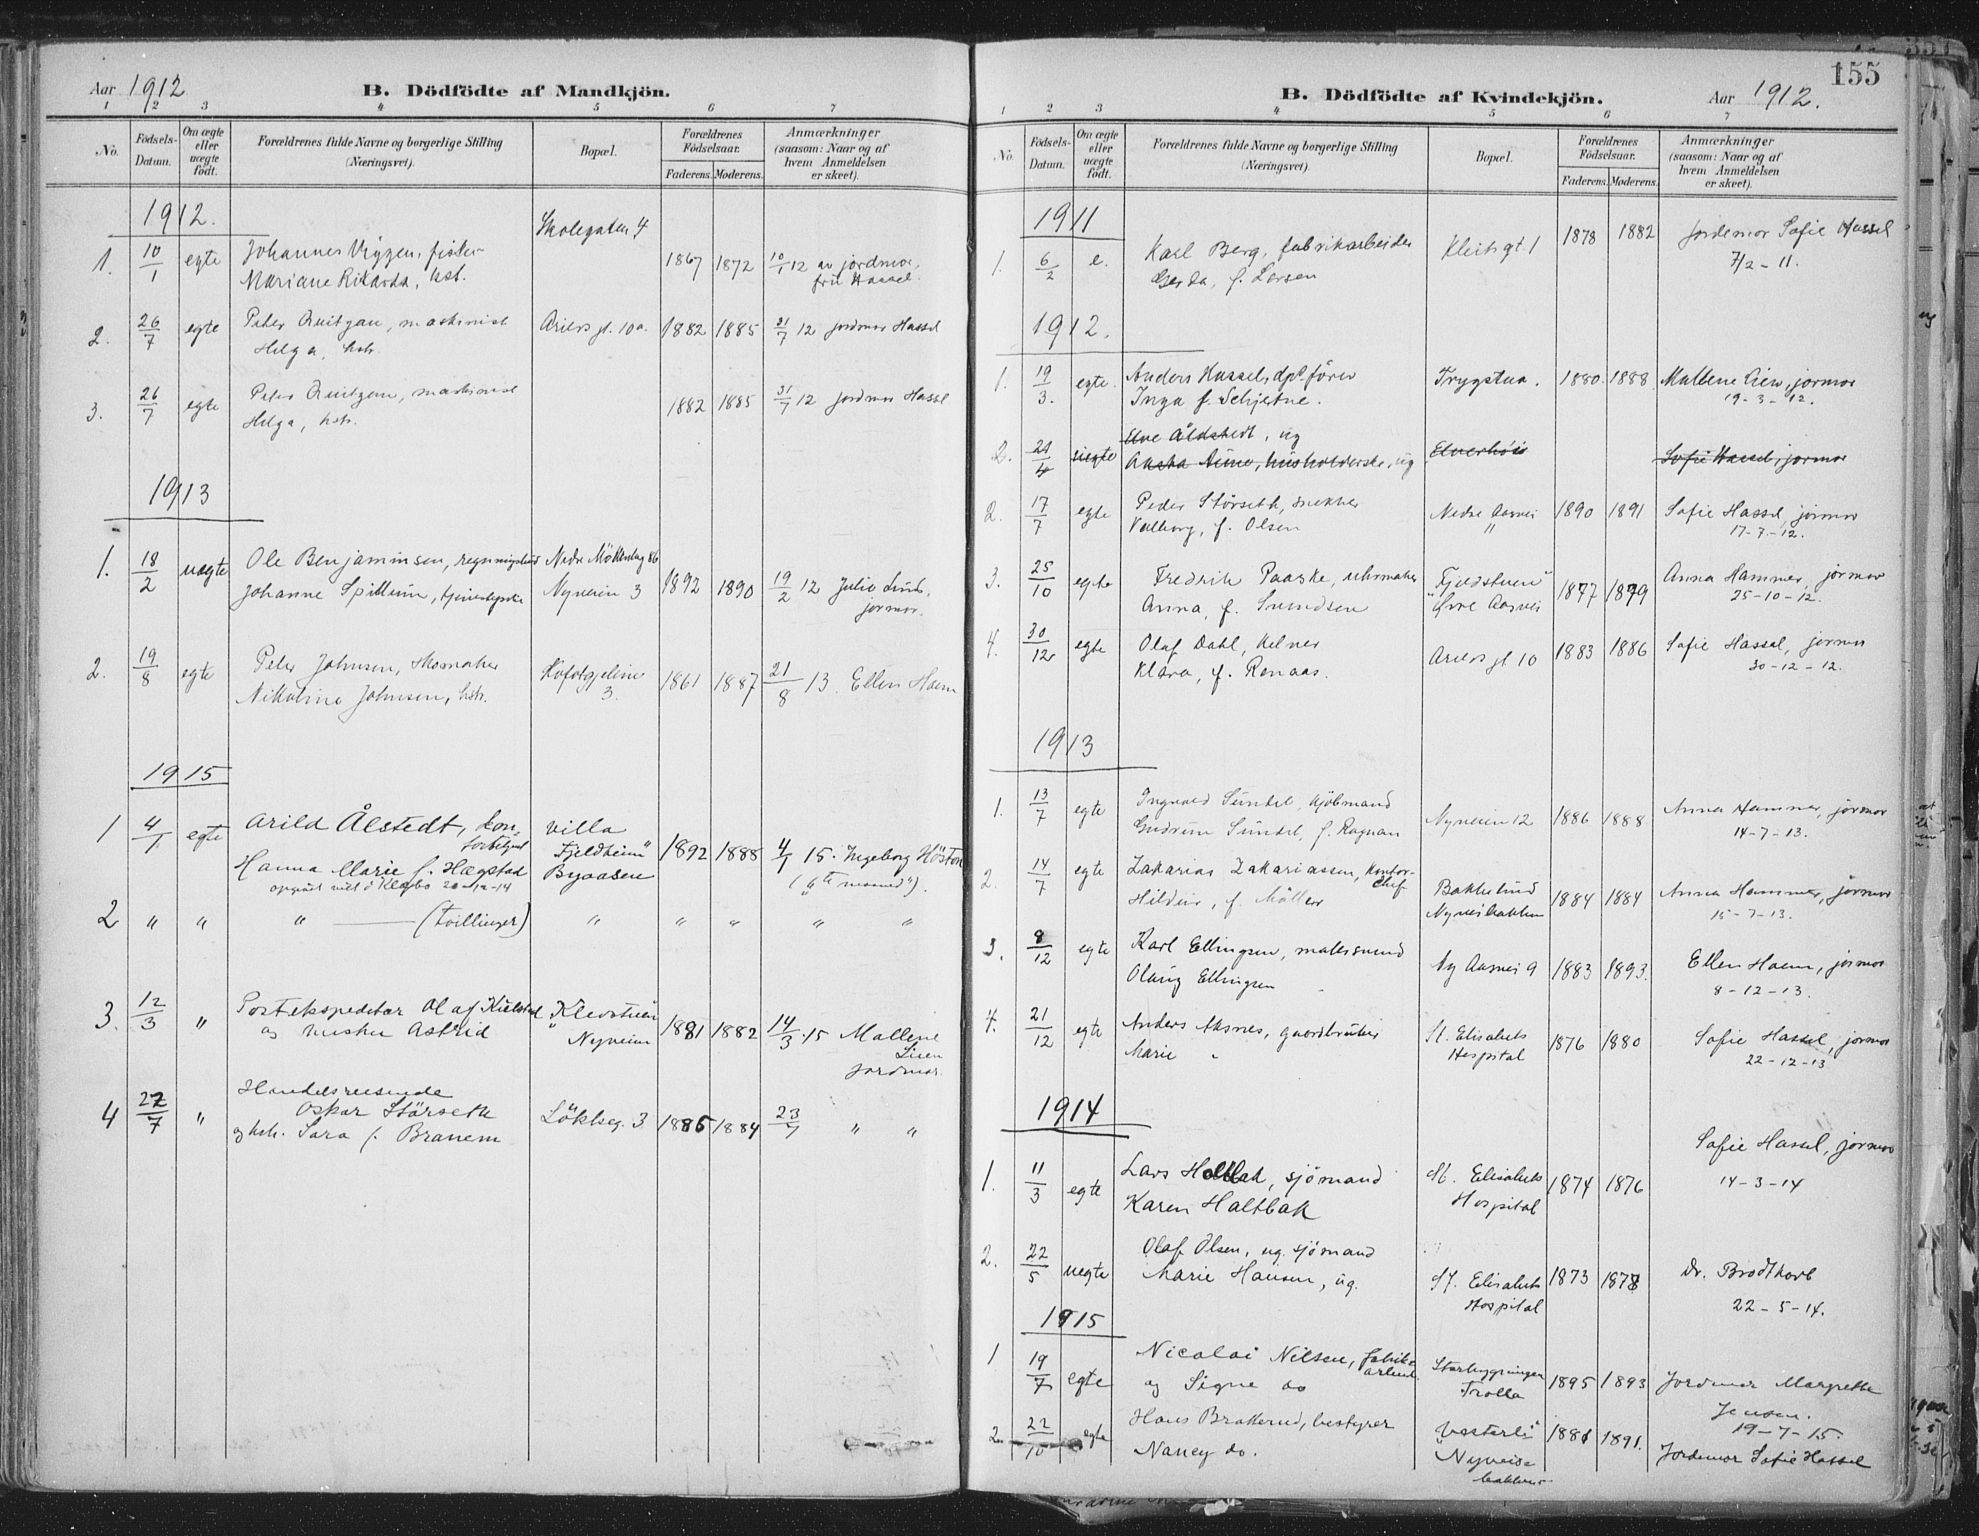 SAT, Ministerialprotokoller, klokkerbøker og fødselsregistre - Sør-Trøndelag, 603/L0167: Ministerialbok nr. 603A06, 1896-1932, s. 155